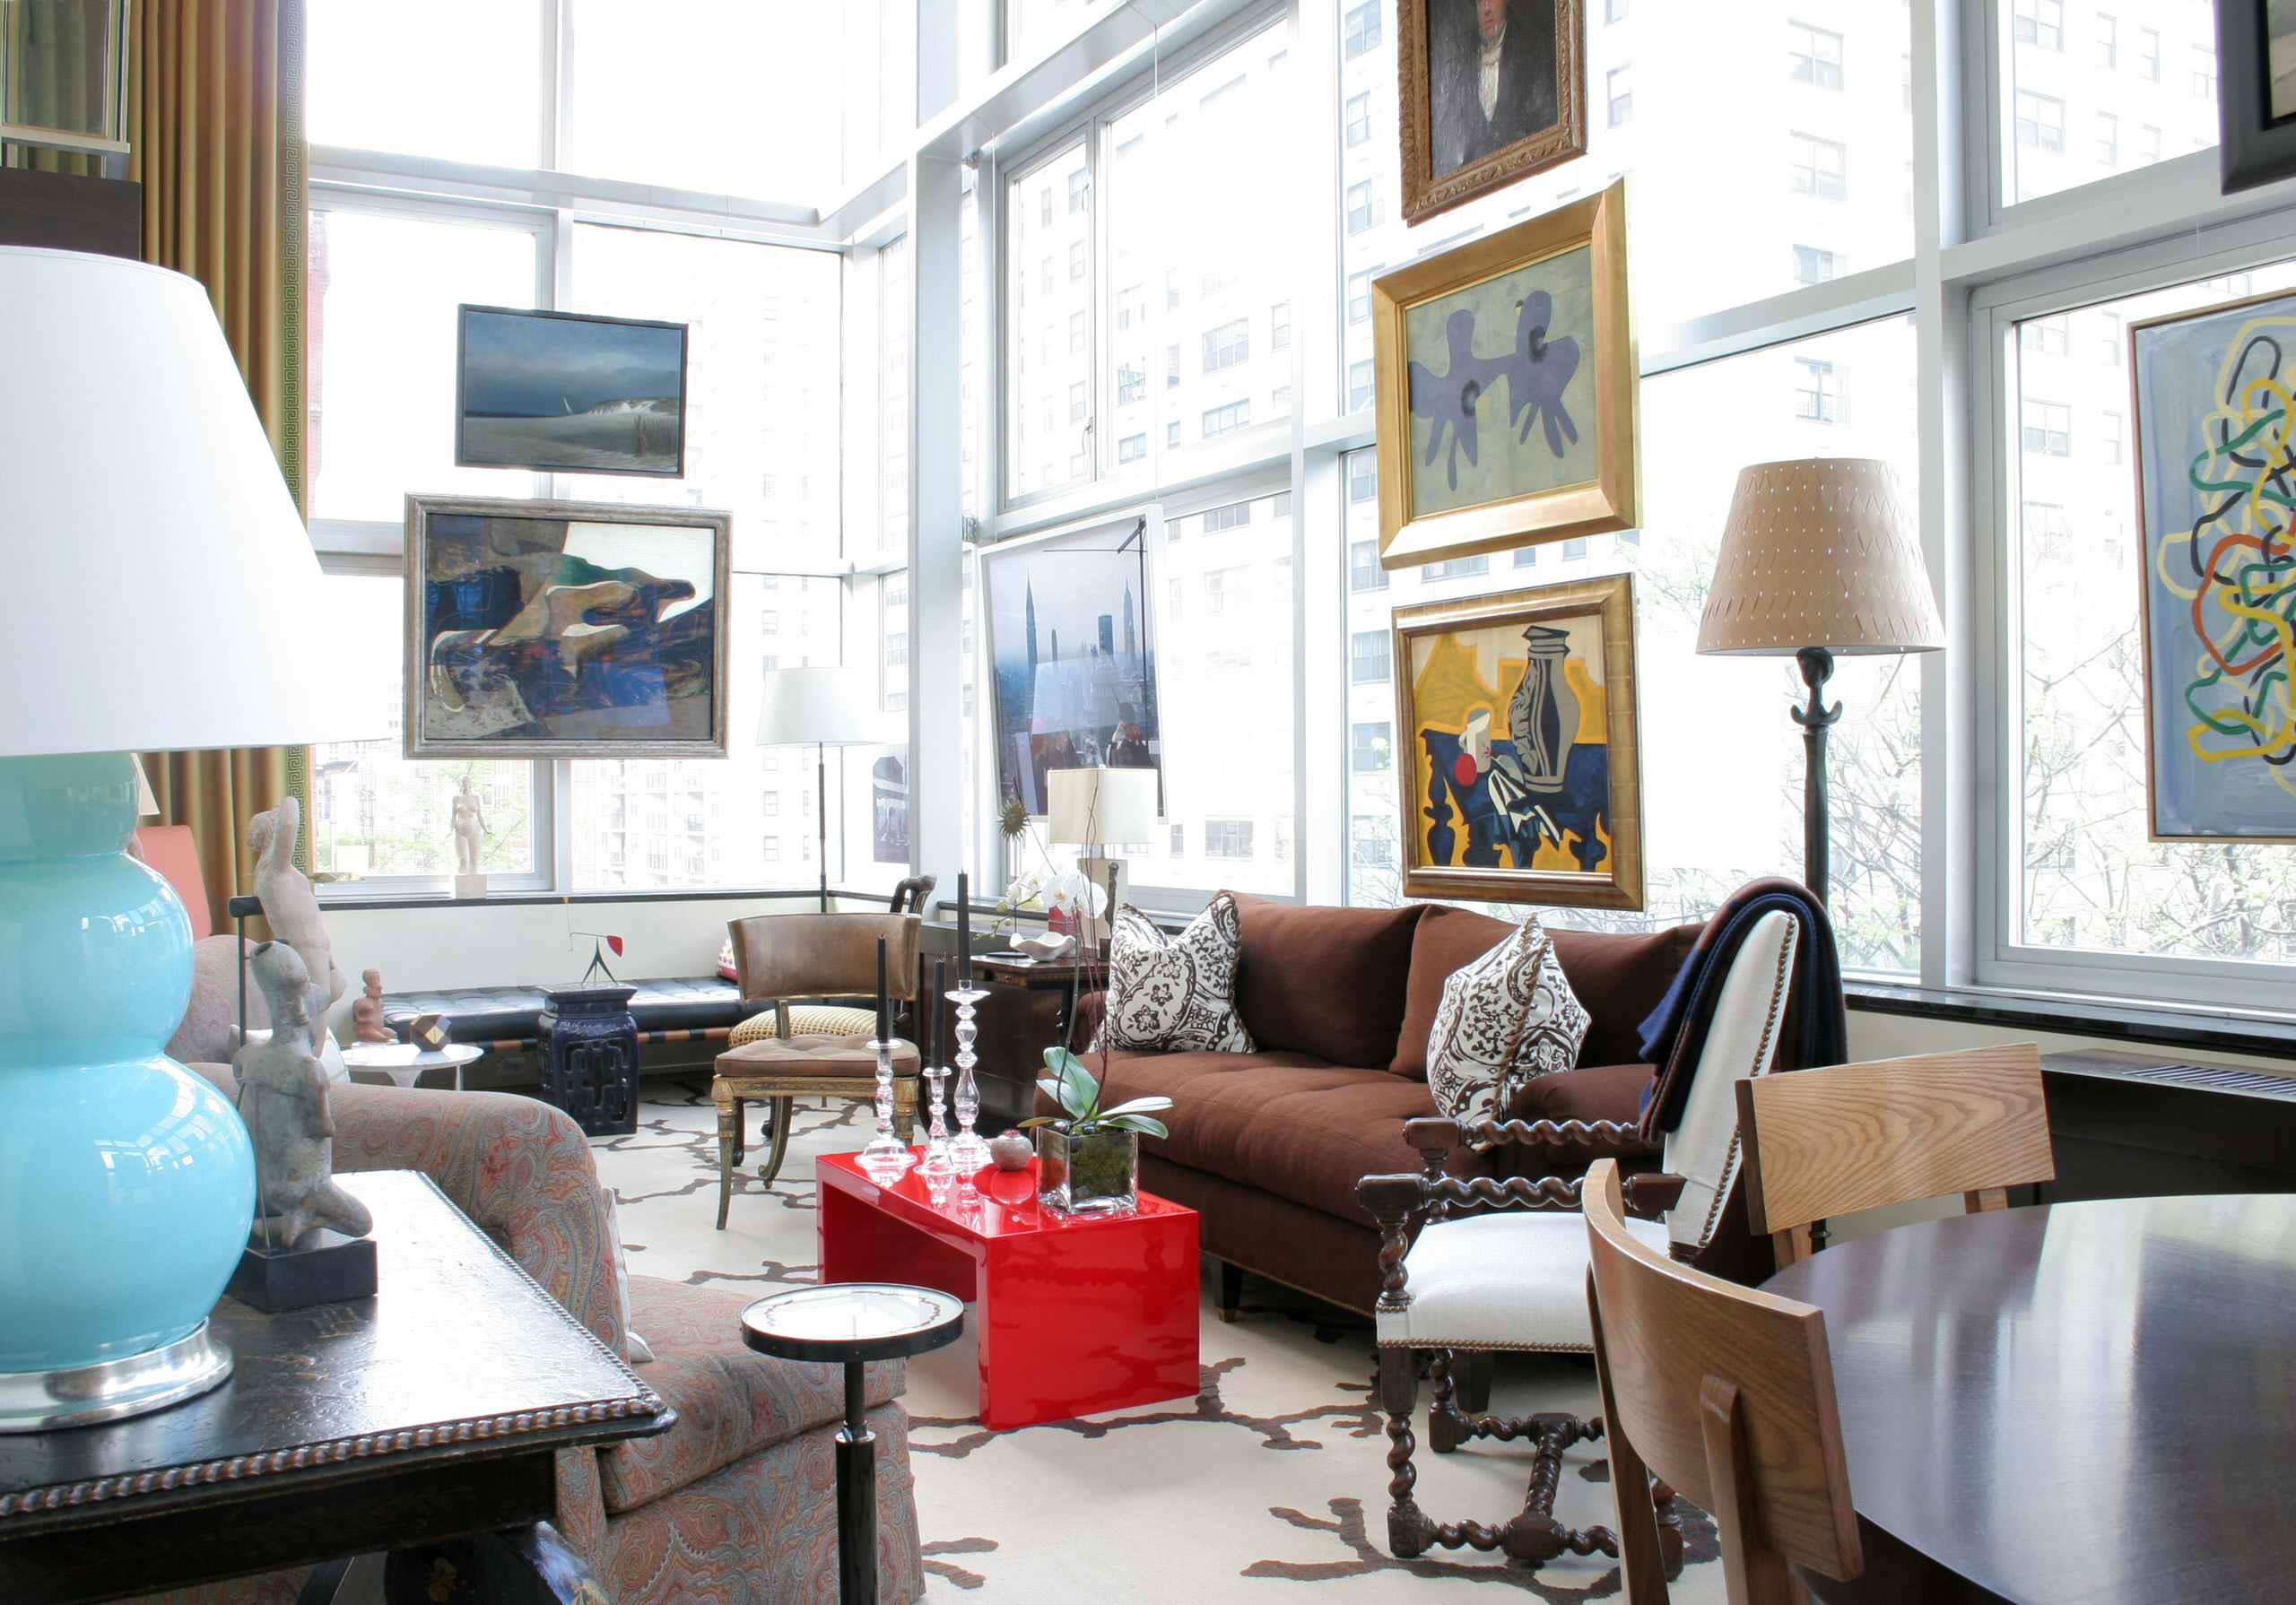 Những bí quyết đơn giản và tiết kiệm tạo vẻ đẹp hiện đại, cuốn hút cho khung cửa sổ nhà bạn - Ảnh 15.